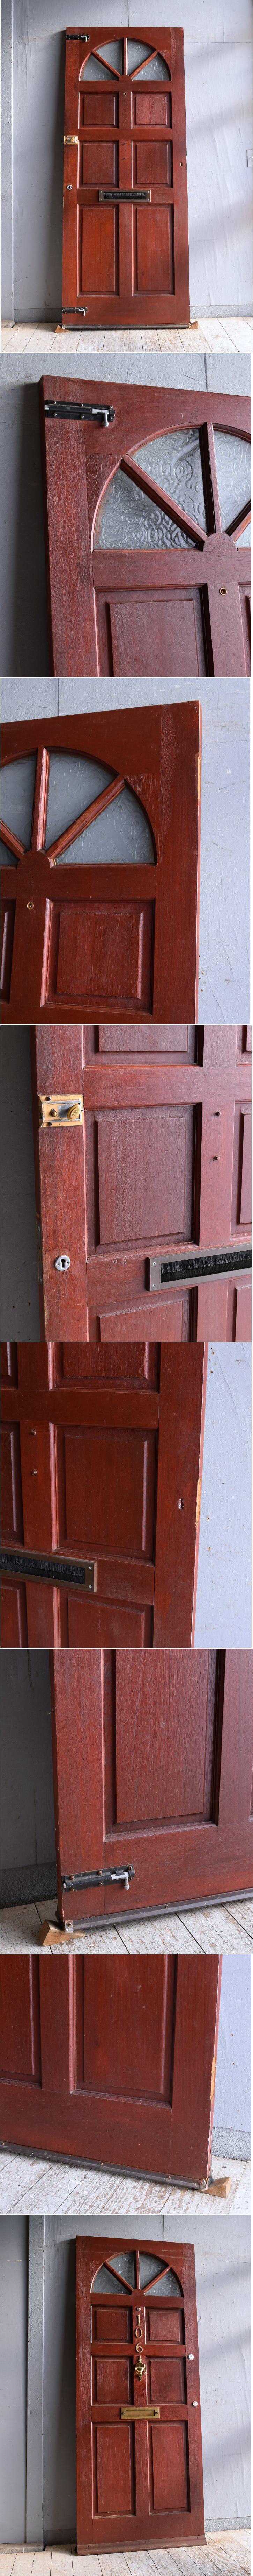 イギリス アンティーク ドア 扉 建具 9384